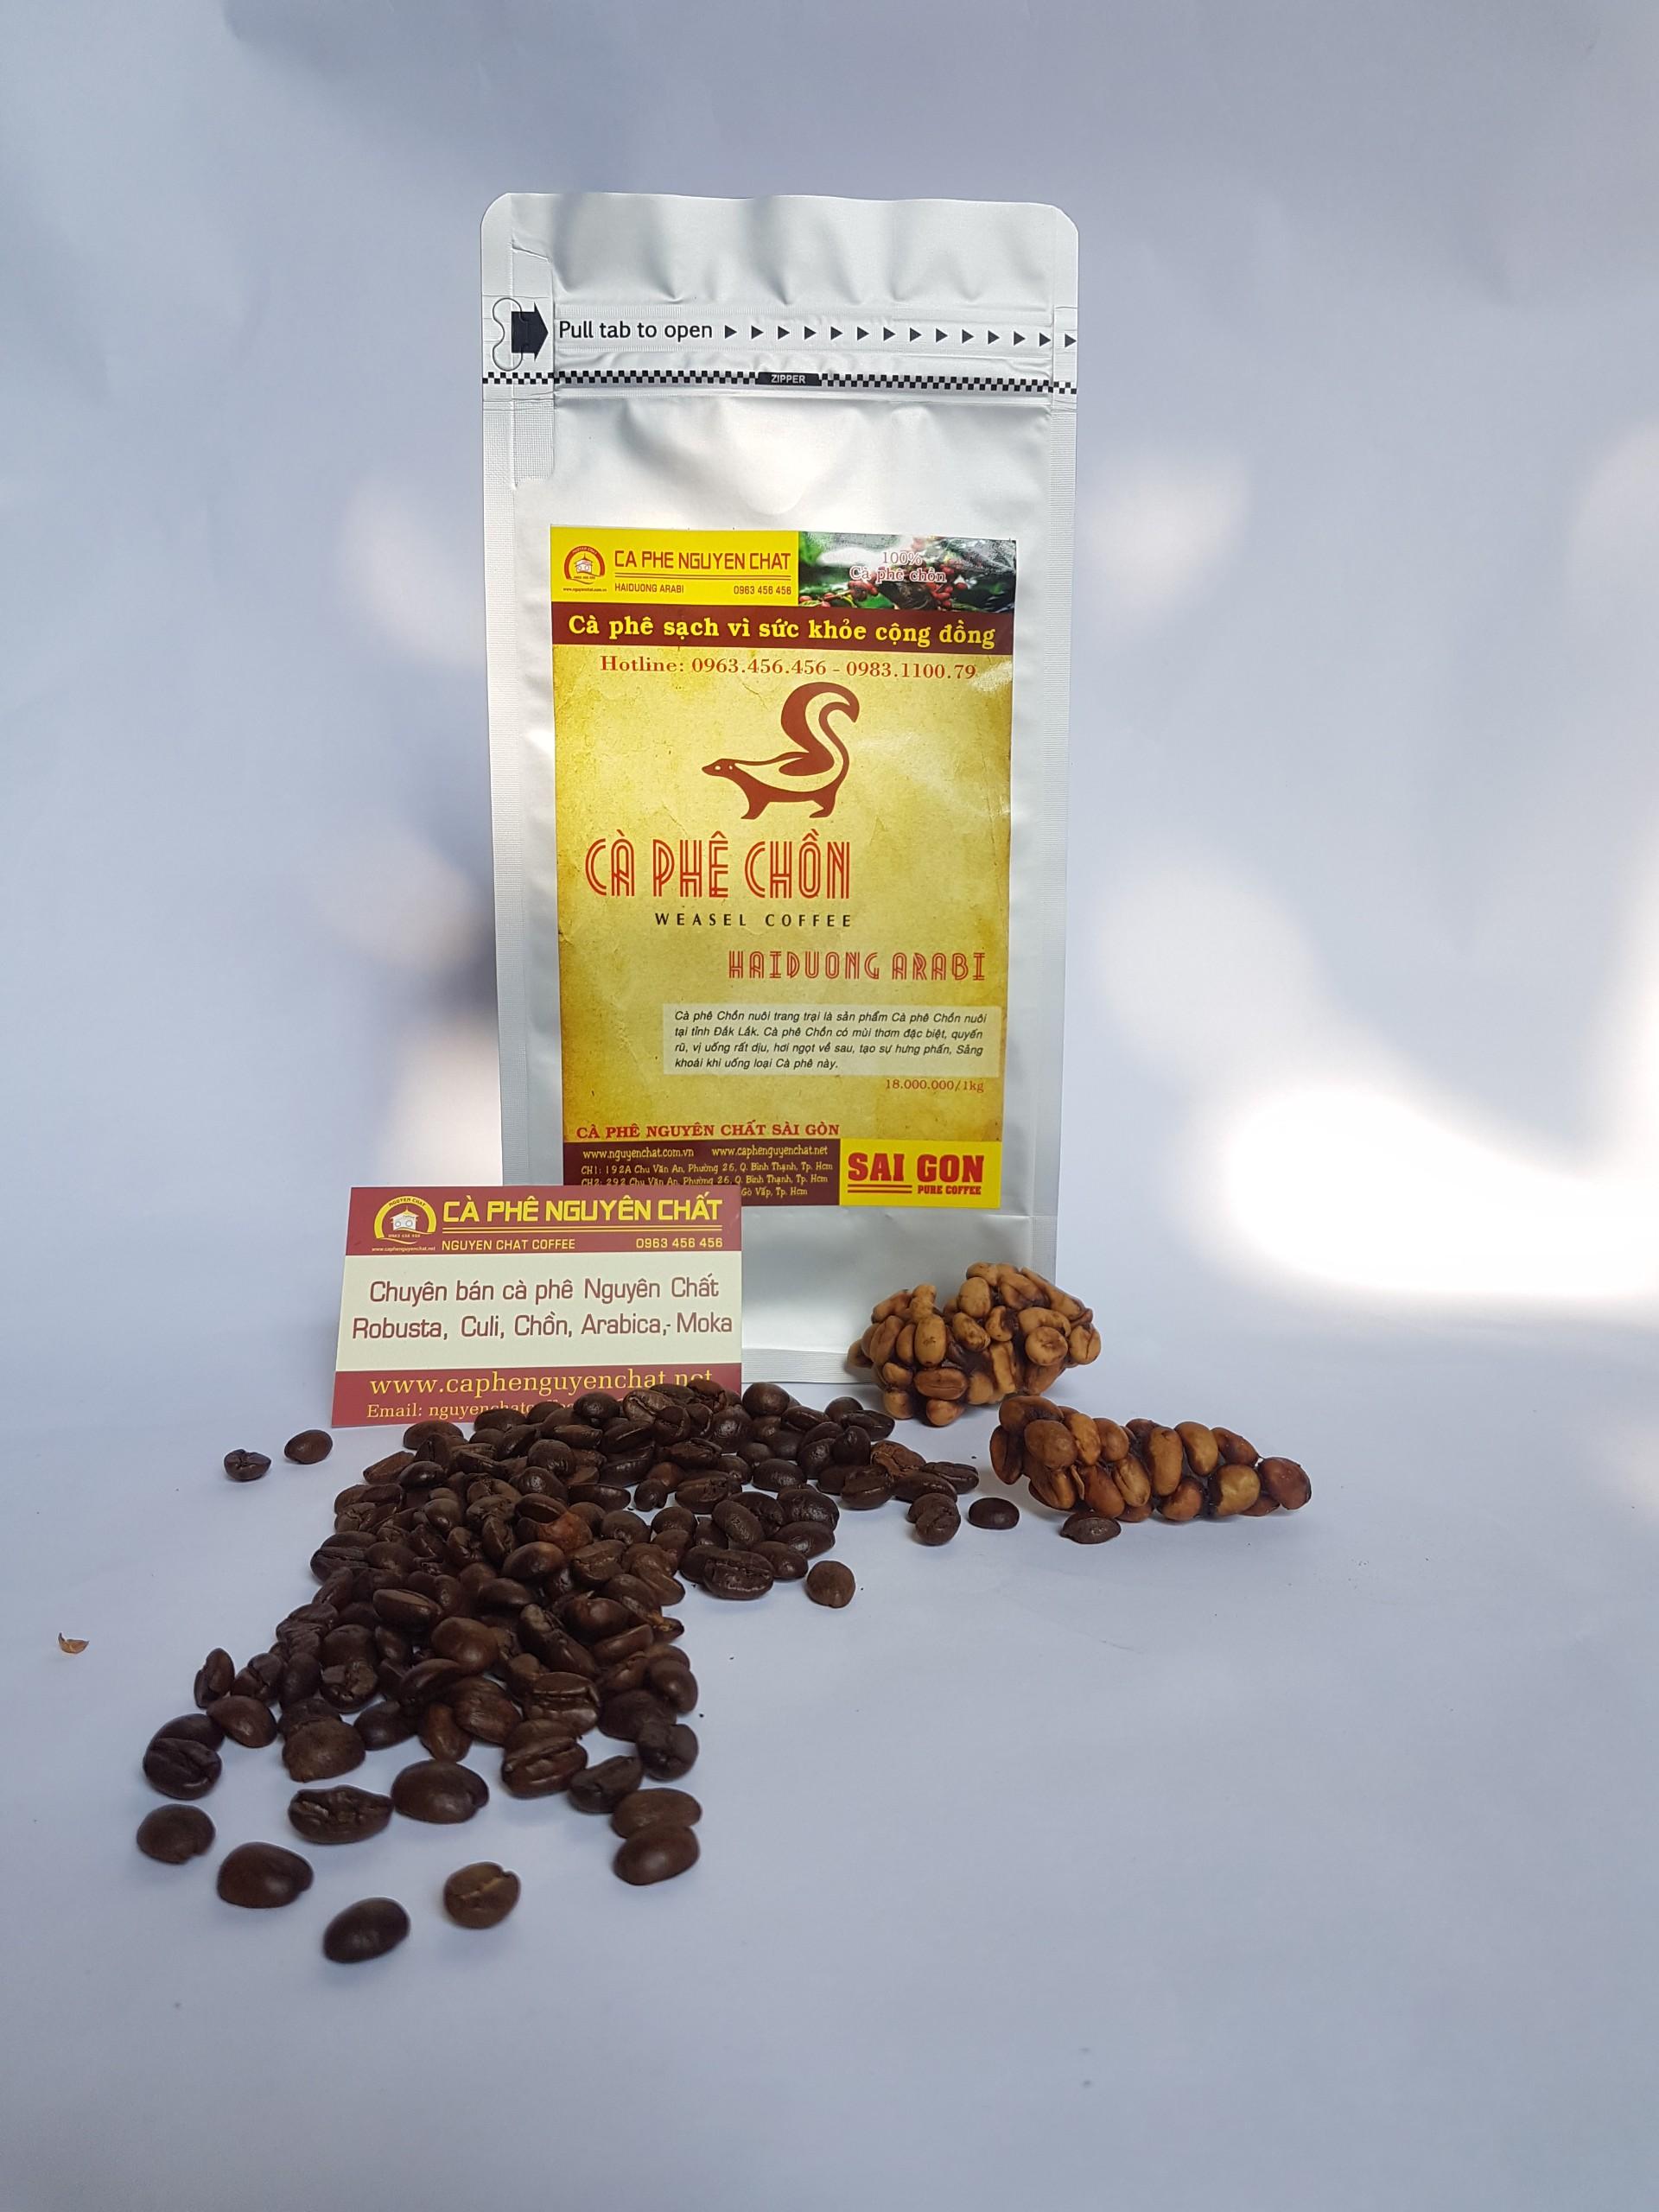 Lựa chọn cà phê chất lượng để đảm bảo sức khỏe